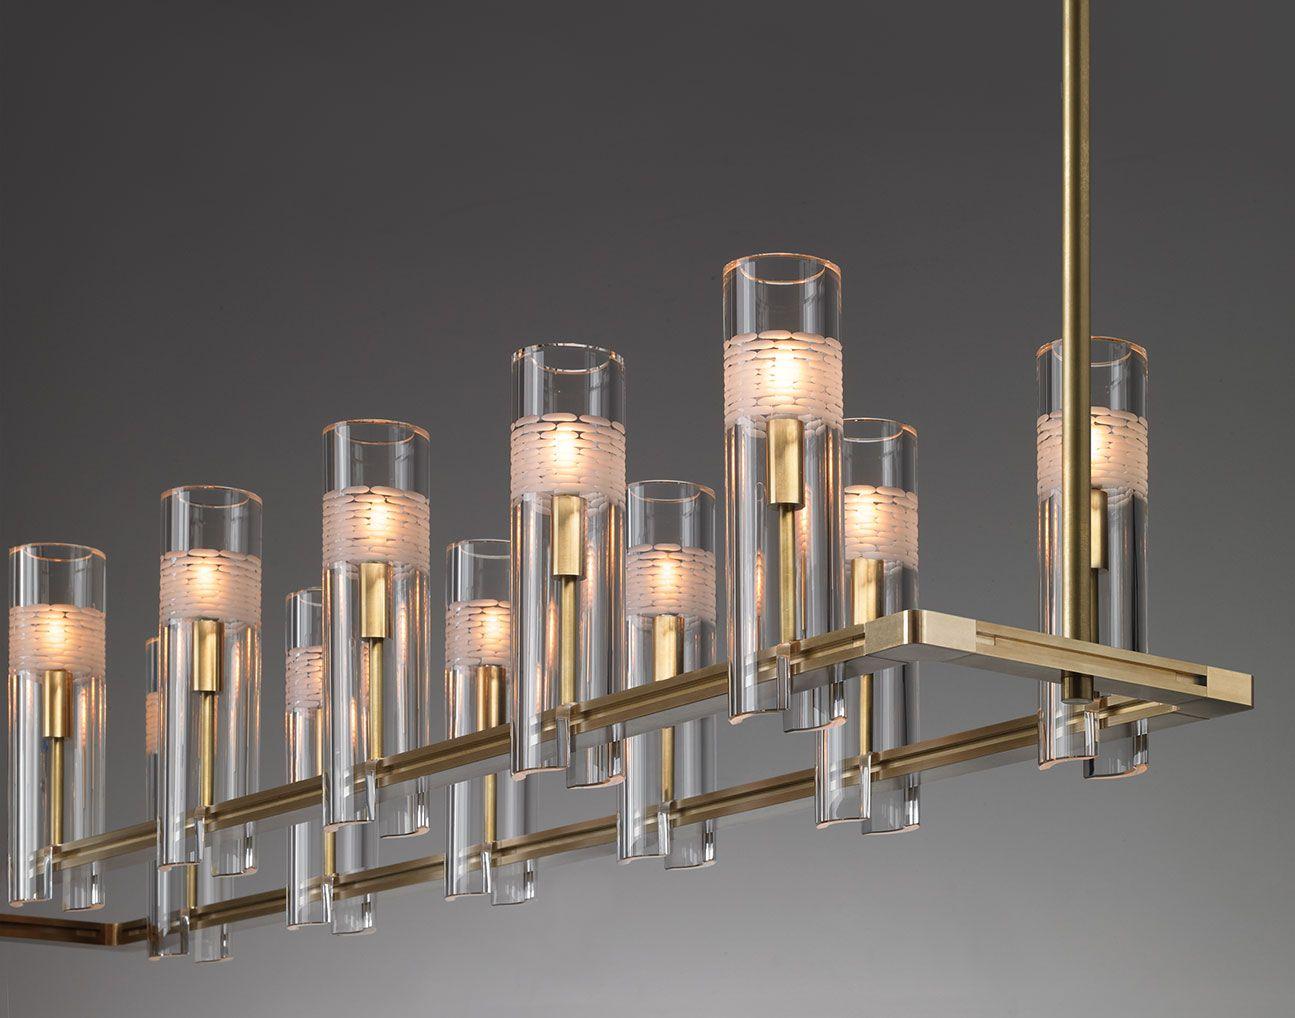 jonathan browning lighting. Jonathan Browning Studios - Chamont Double Linear Chandelier Lighting R